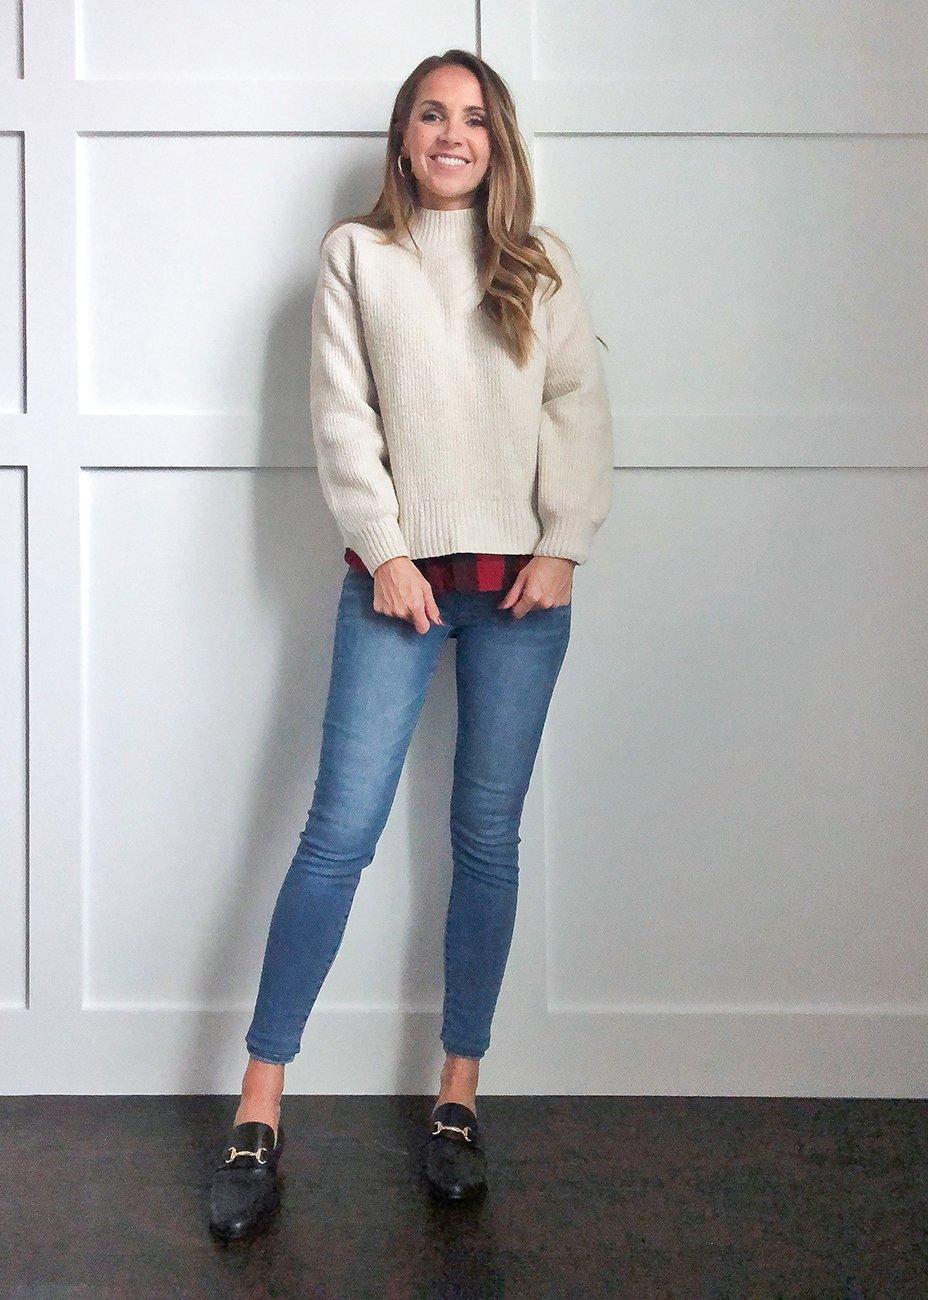 plaid shirt outfits: sweater over buffalo plaid shirt